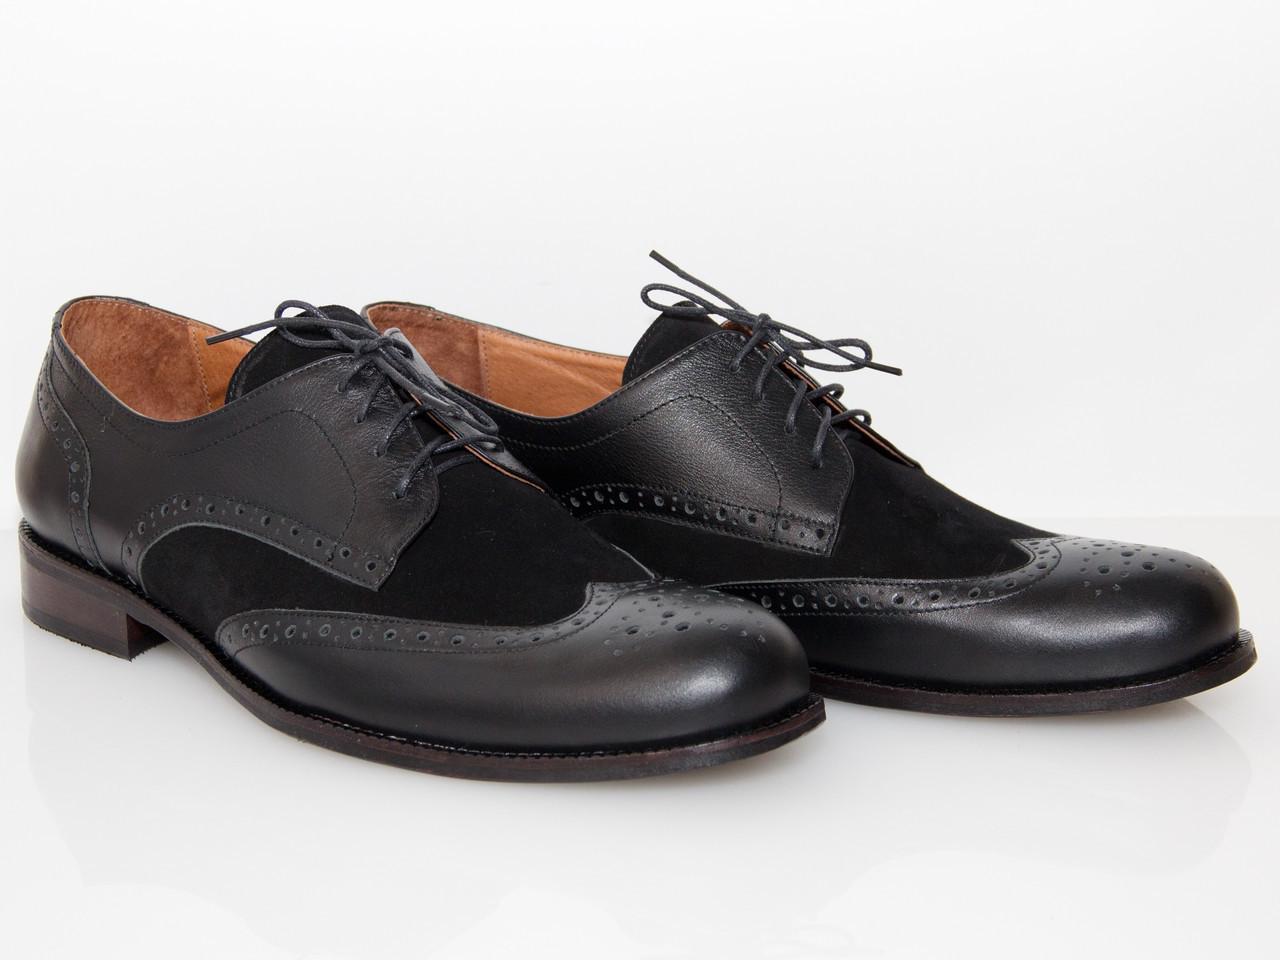 Черные туфли с замшевой вставкой/ man shoes 12305